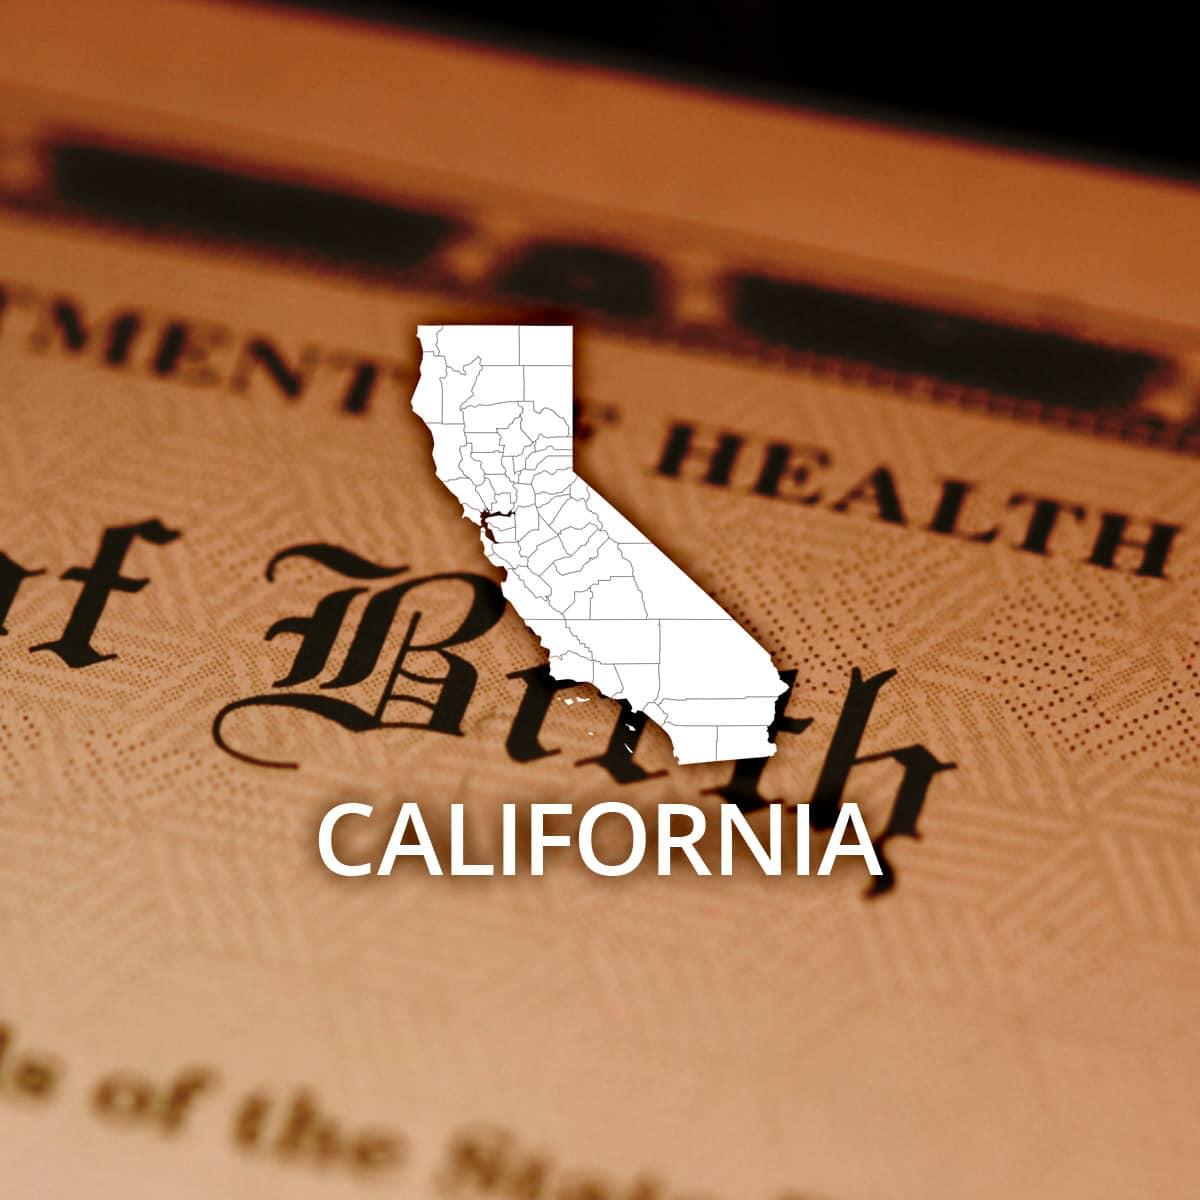 Where to Obtain a California Birth Certificate